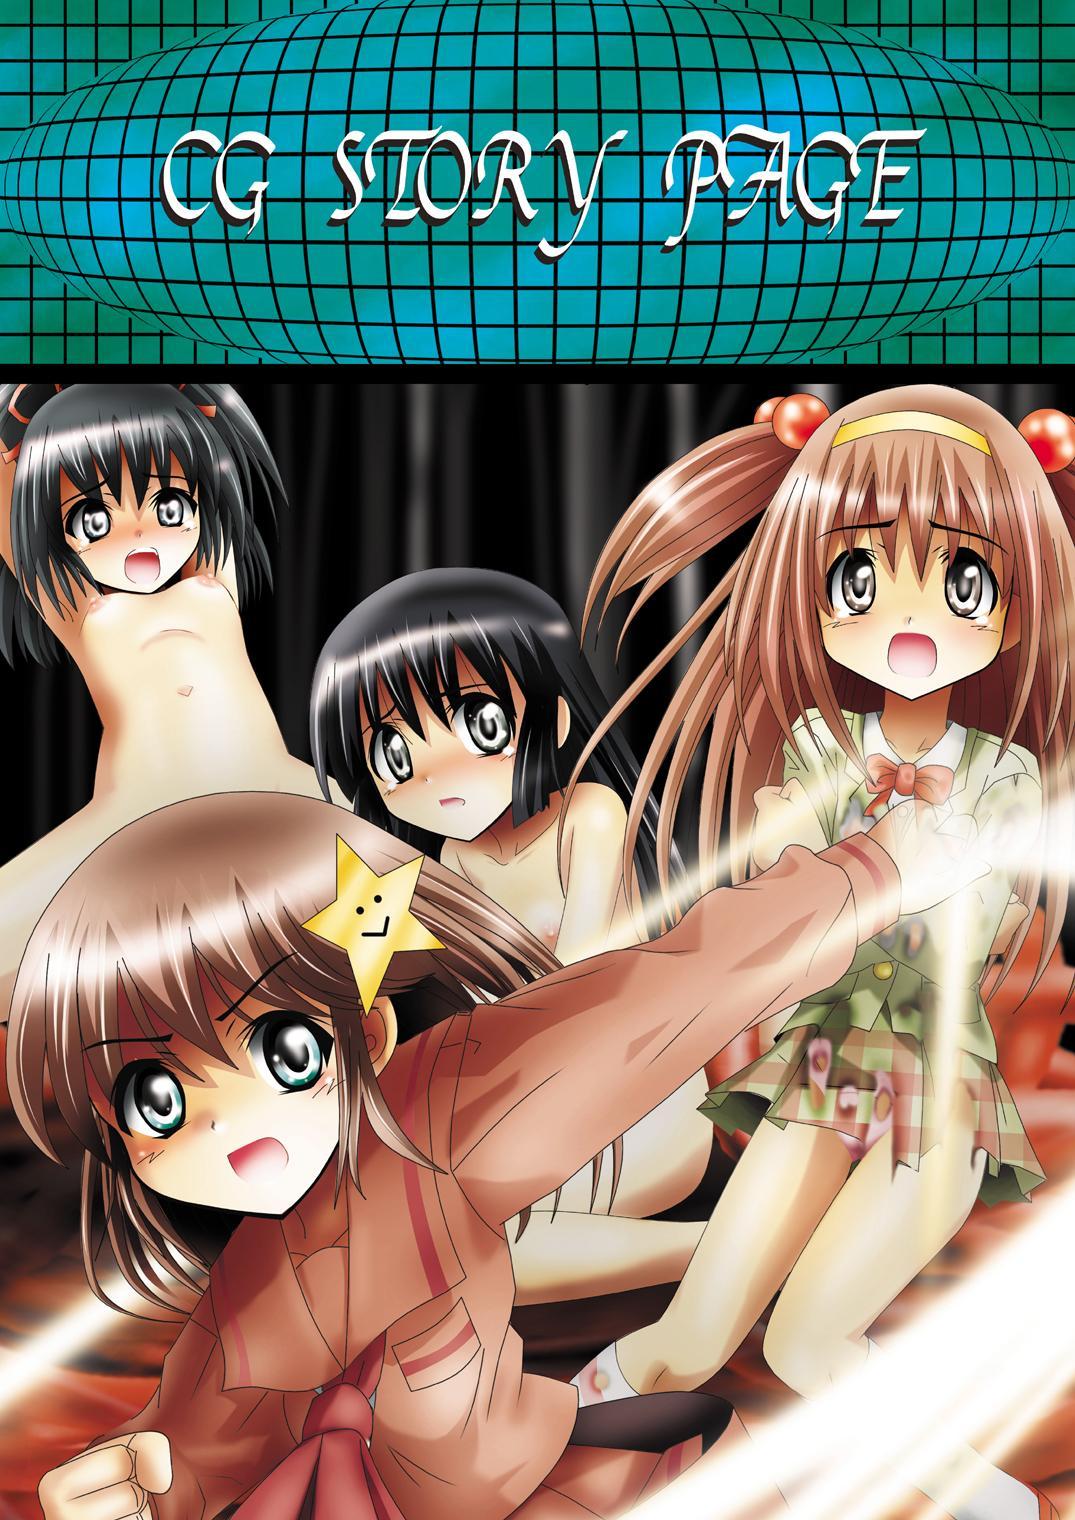 [Dende] Fushigi Sekai -Mystery World- Nonoha 5 ~Jokuma no Kyouniku no Tainai Shinshoku~ 62